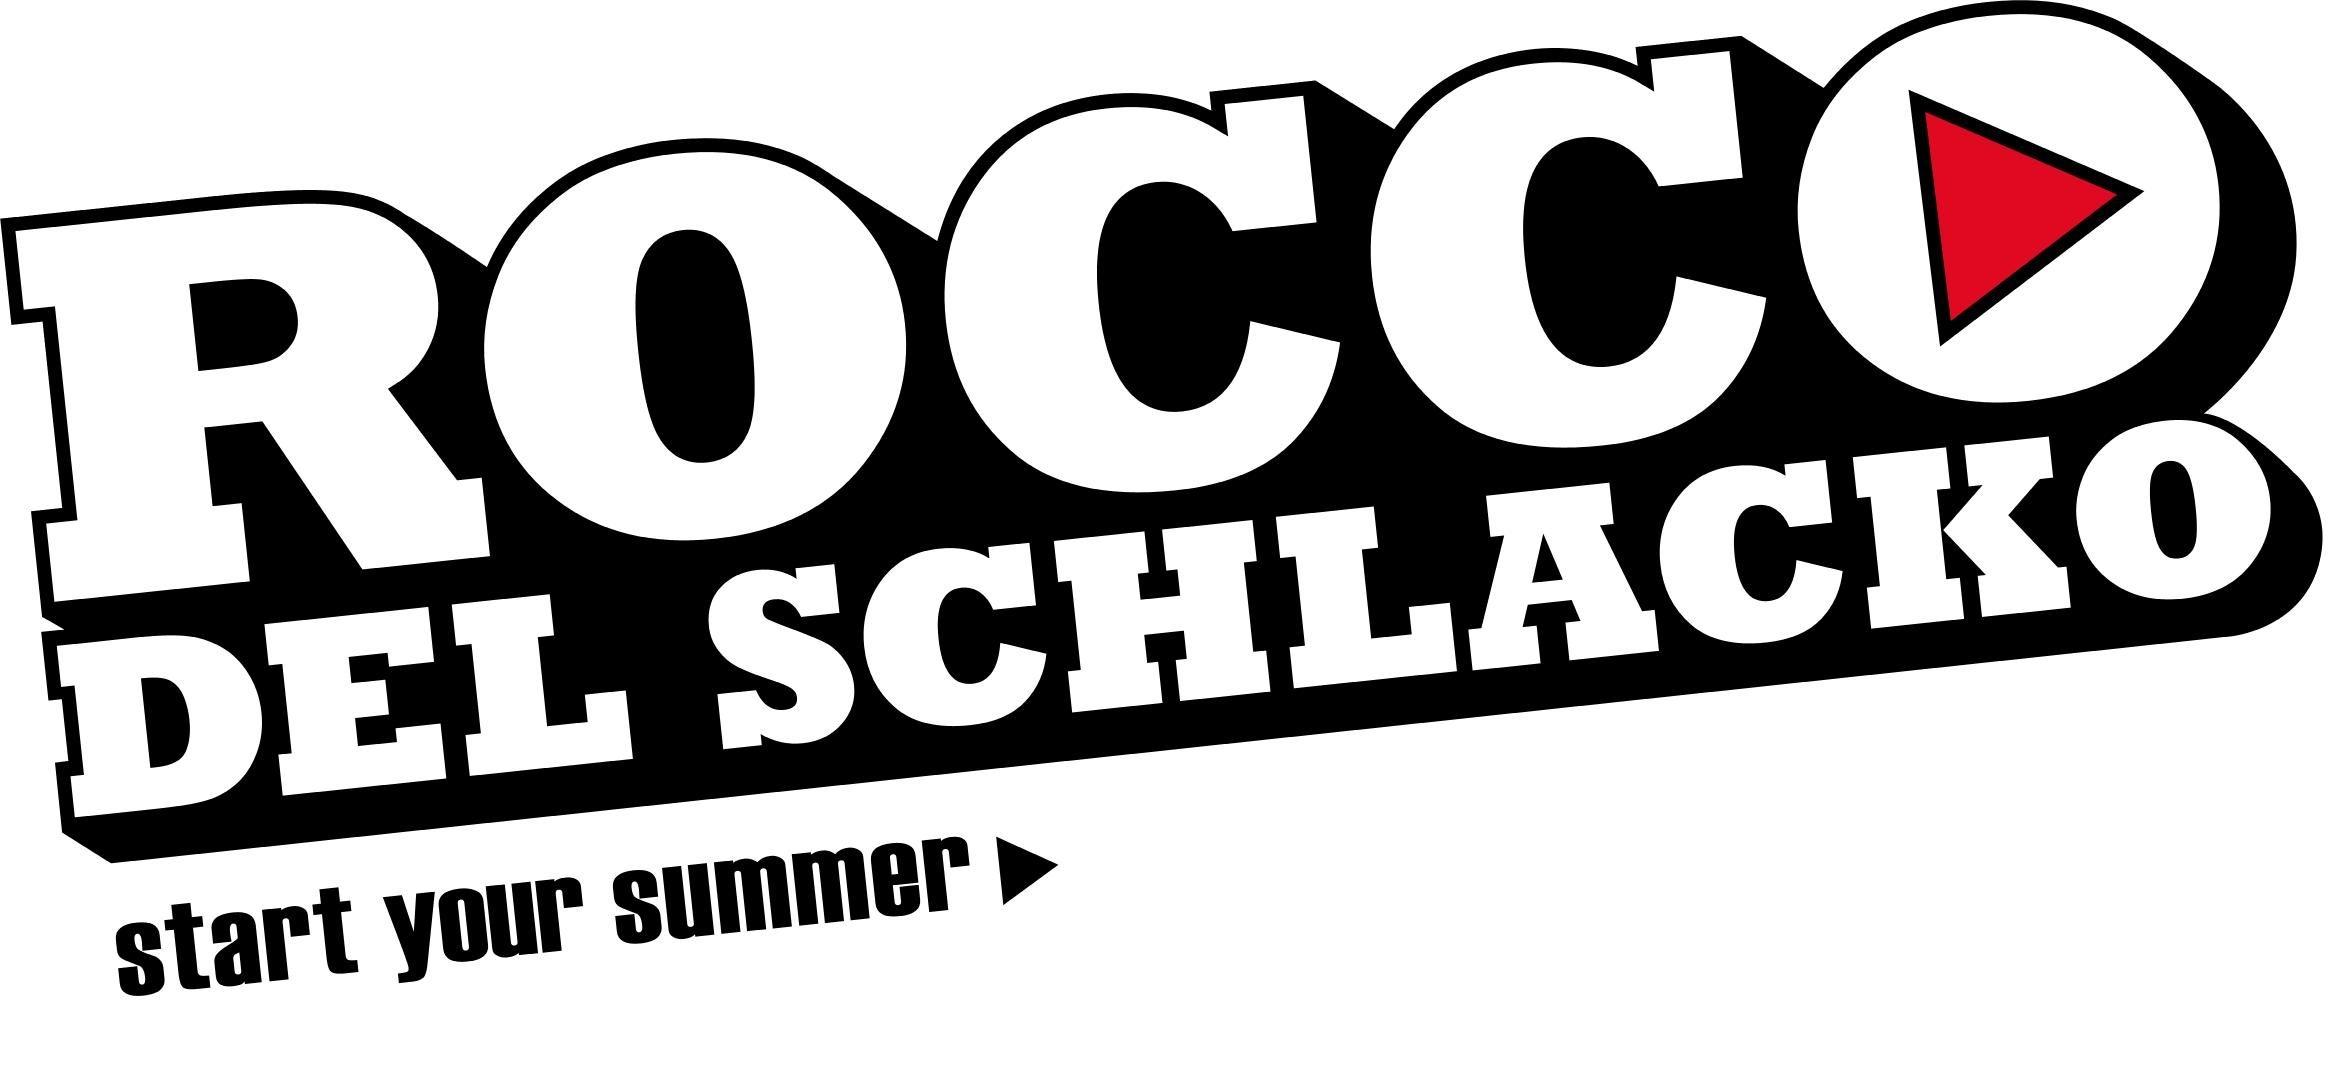 Rocco del Schlacko 2018 Logo